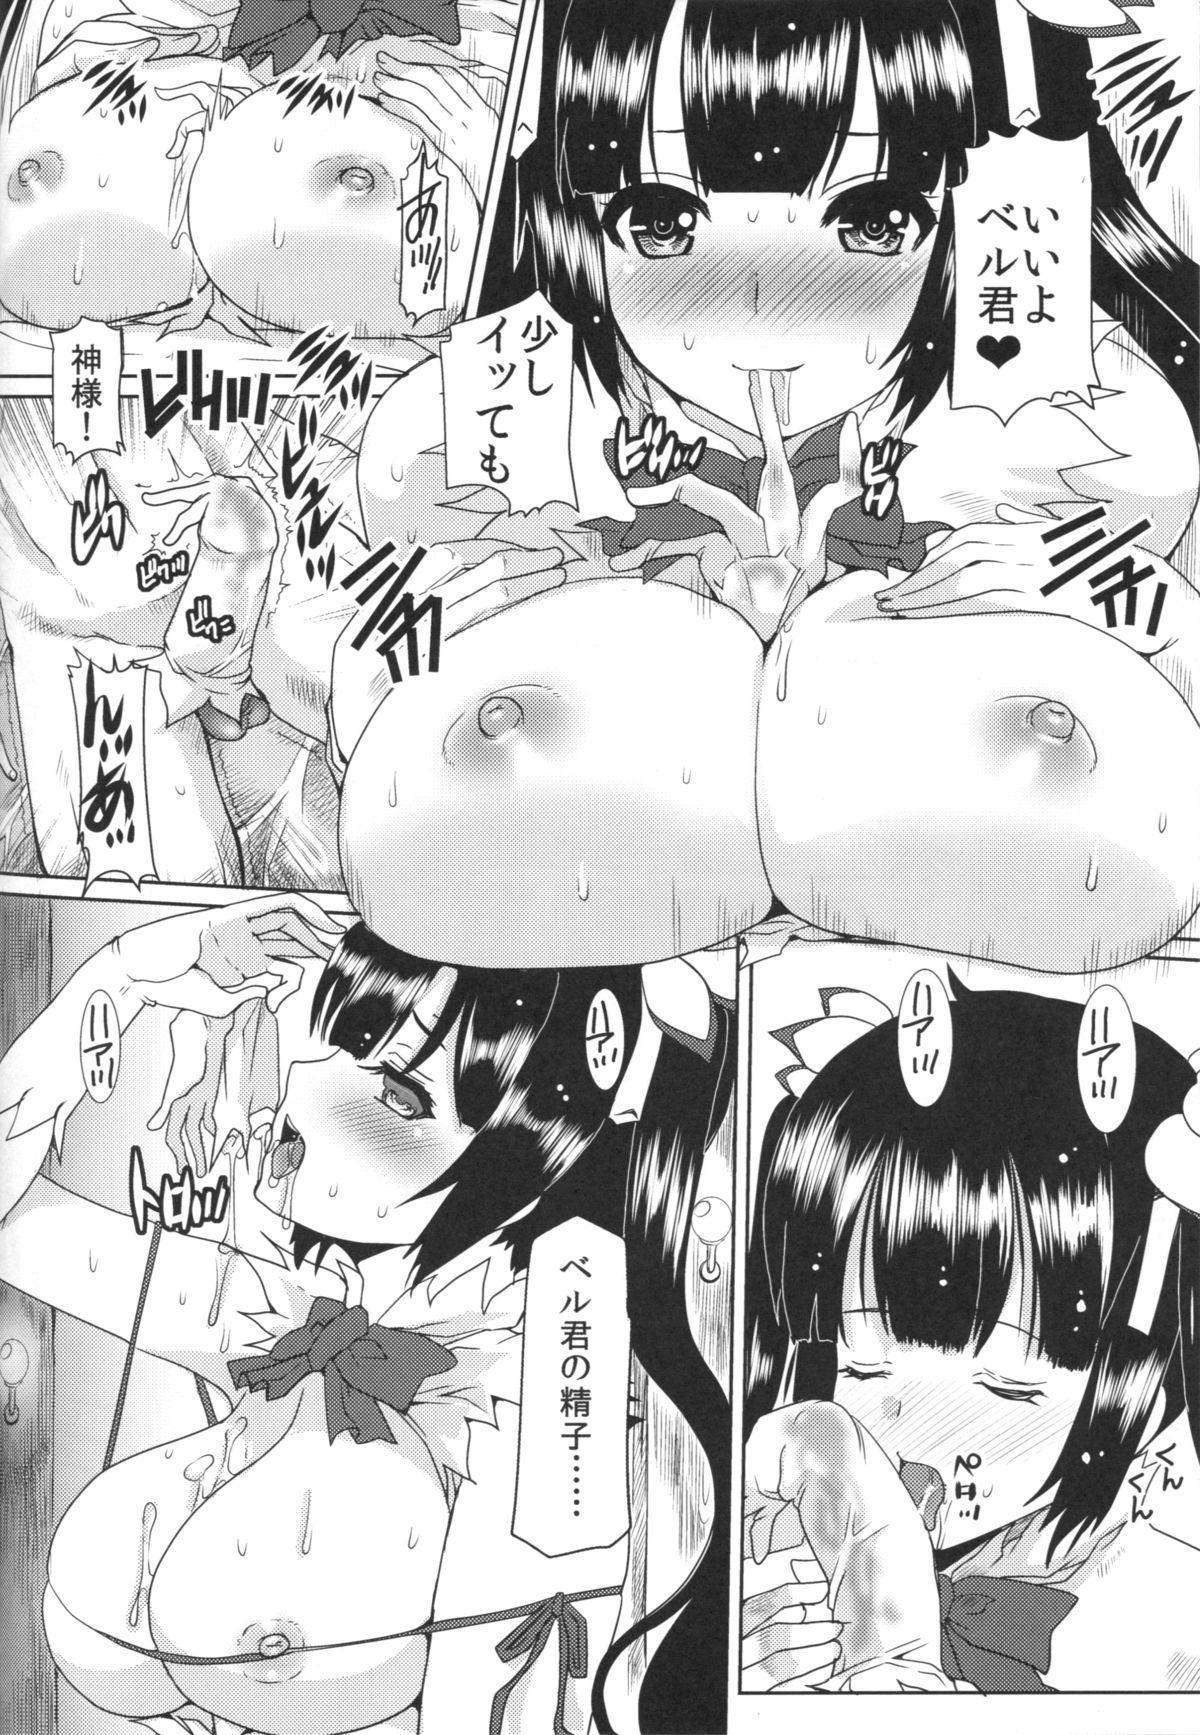 Ano Himo o Hodoku no wa Anata 8